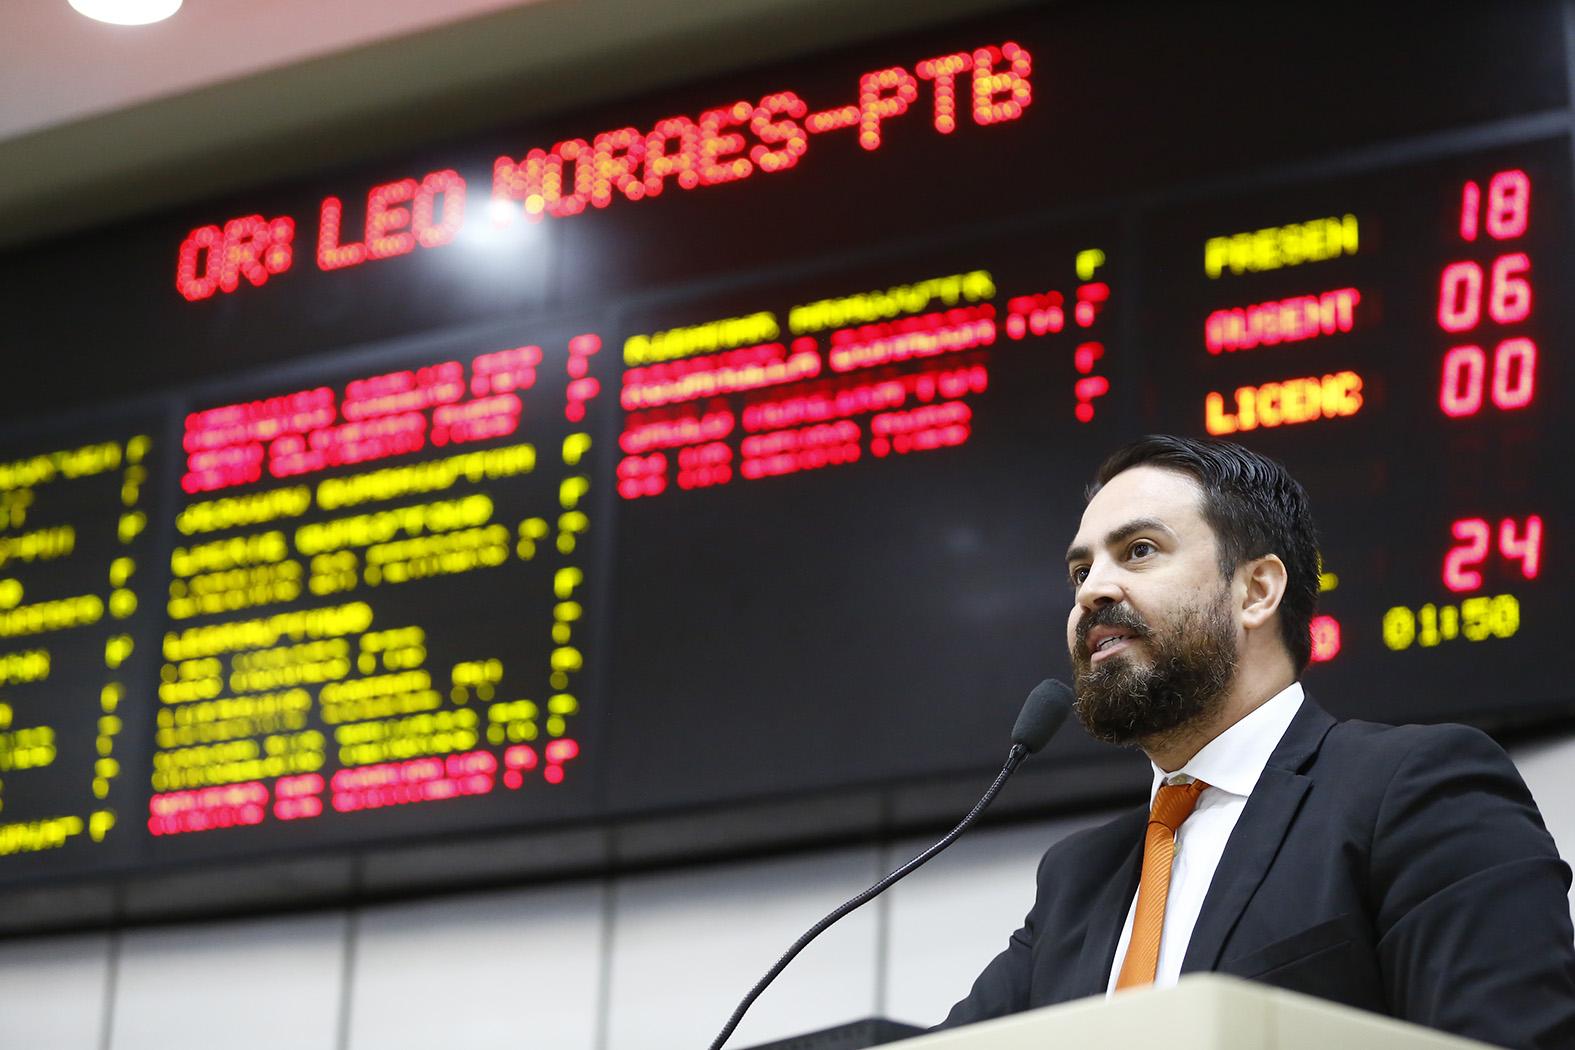 deputado-leo-moraes-pede-acoes-urbanisticas-em-ruas-da-capital.jpg